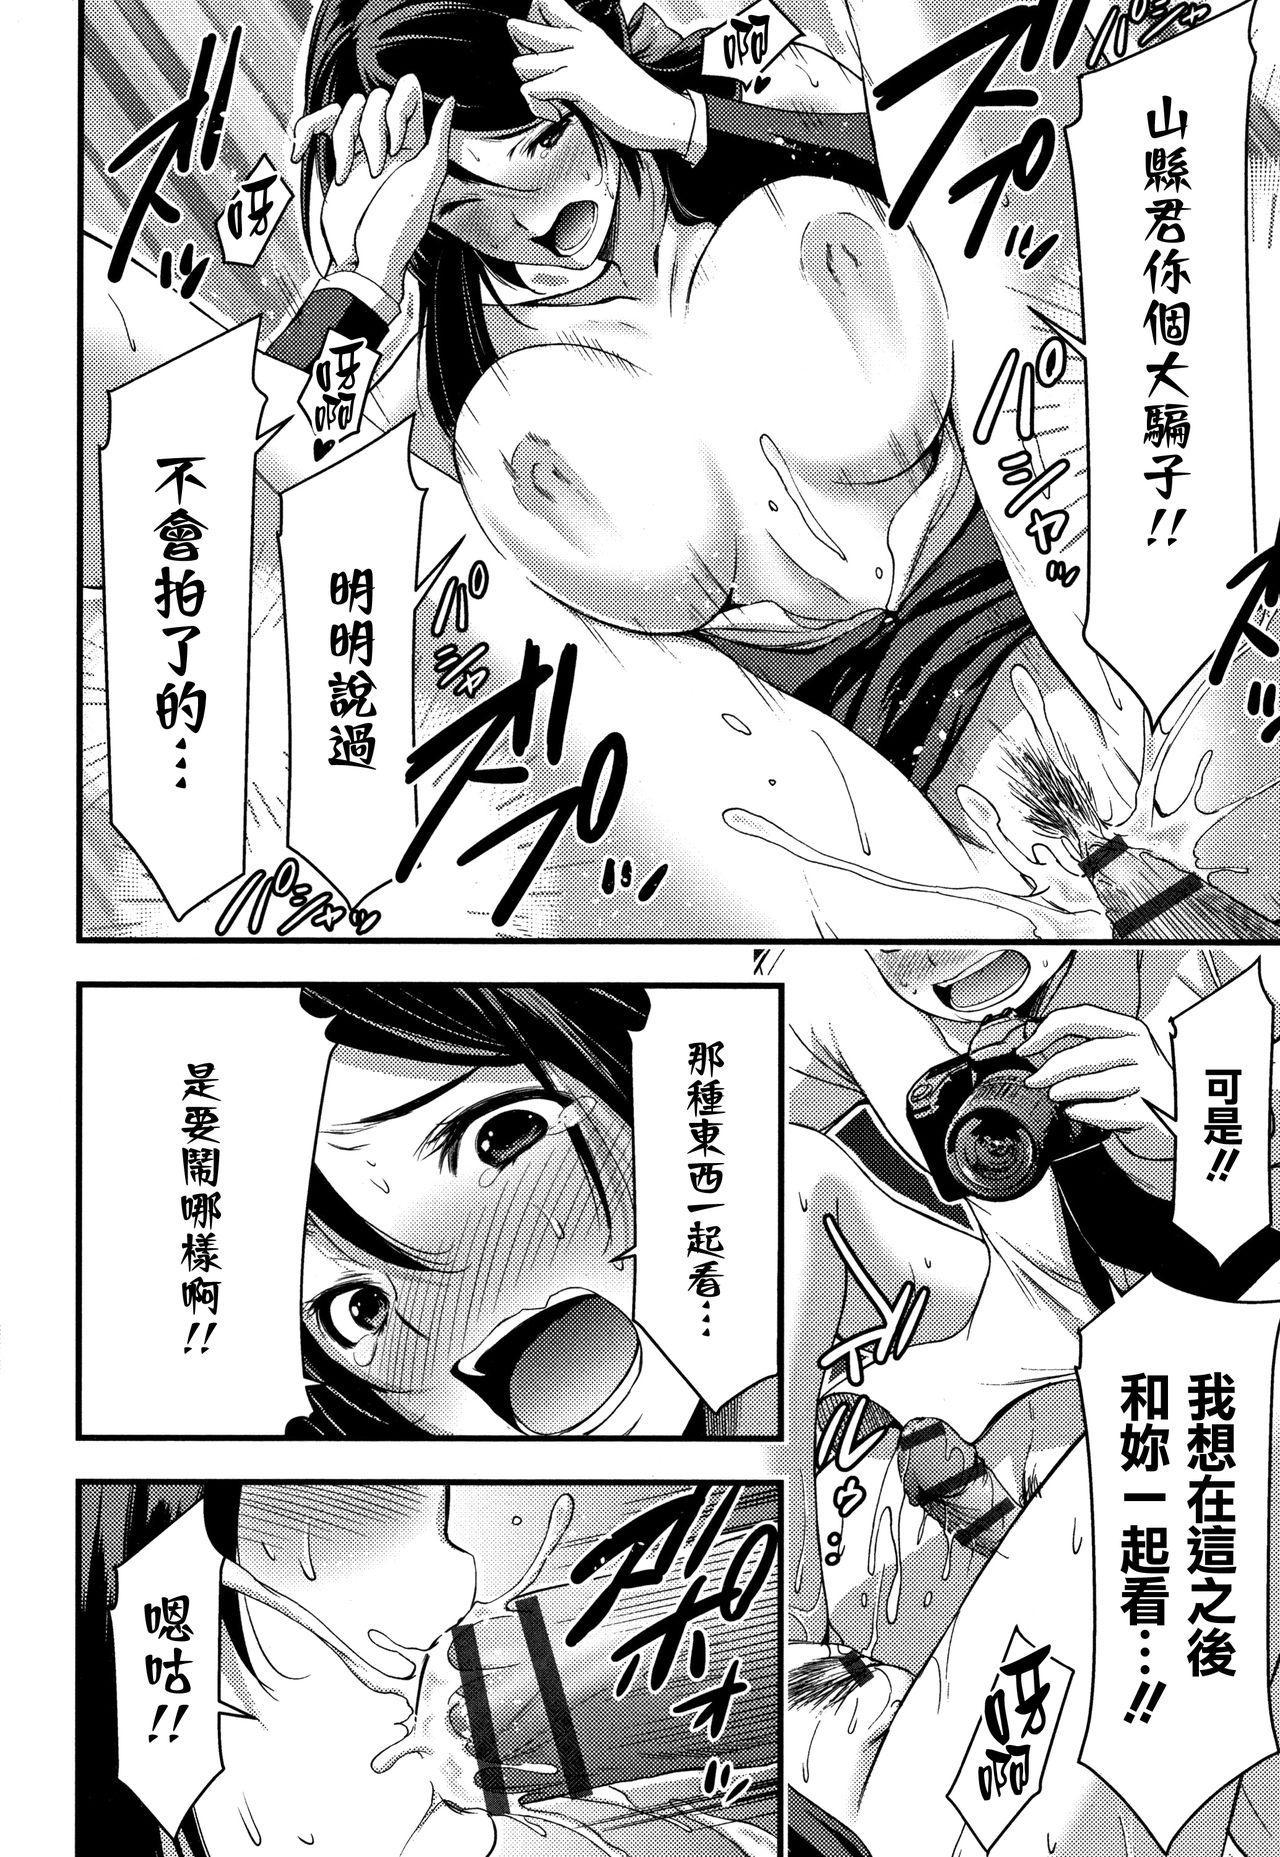 Nichijou Bitch Seitai Kansatsu 142